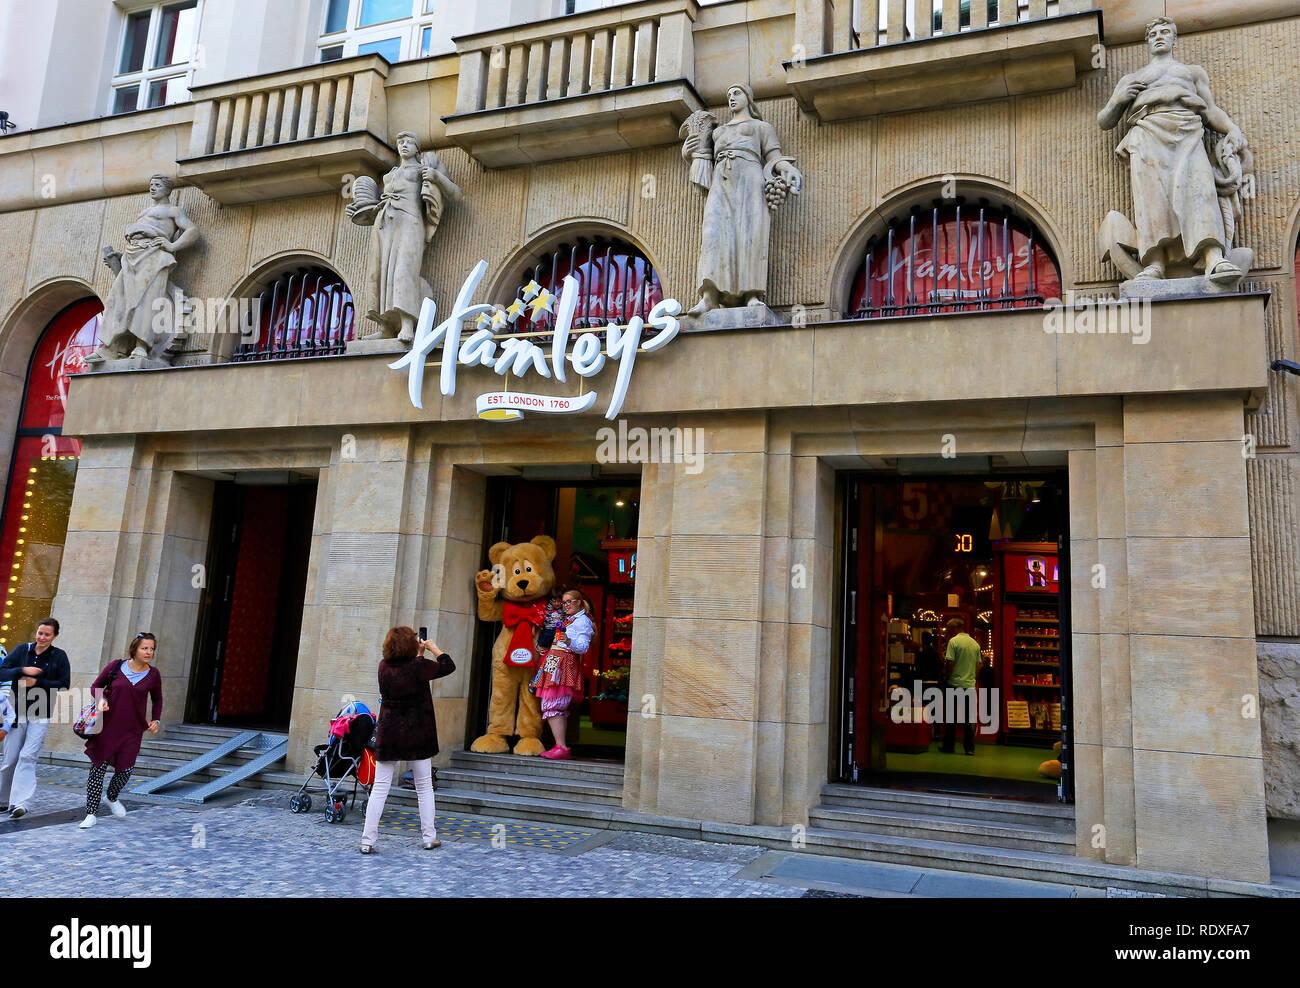 Dirección calibre Credencial  Tienda de juguetes Hamleys, Praga Fotografía de stock - Alamy